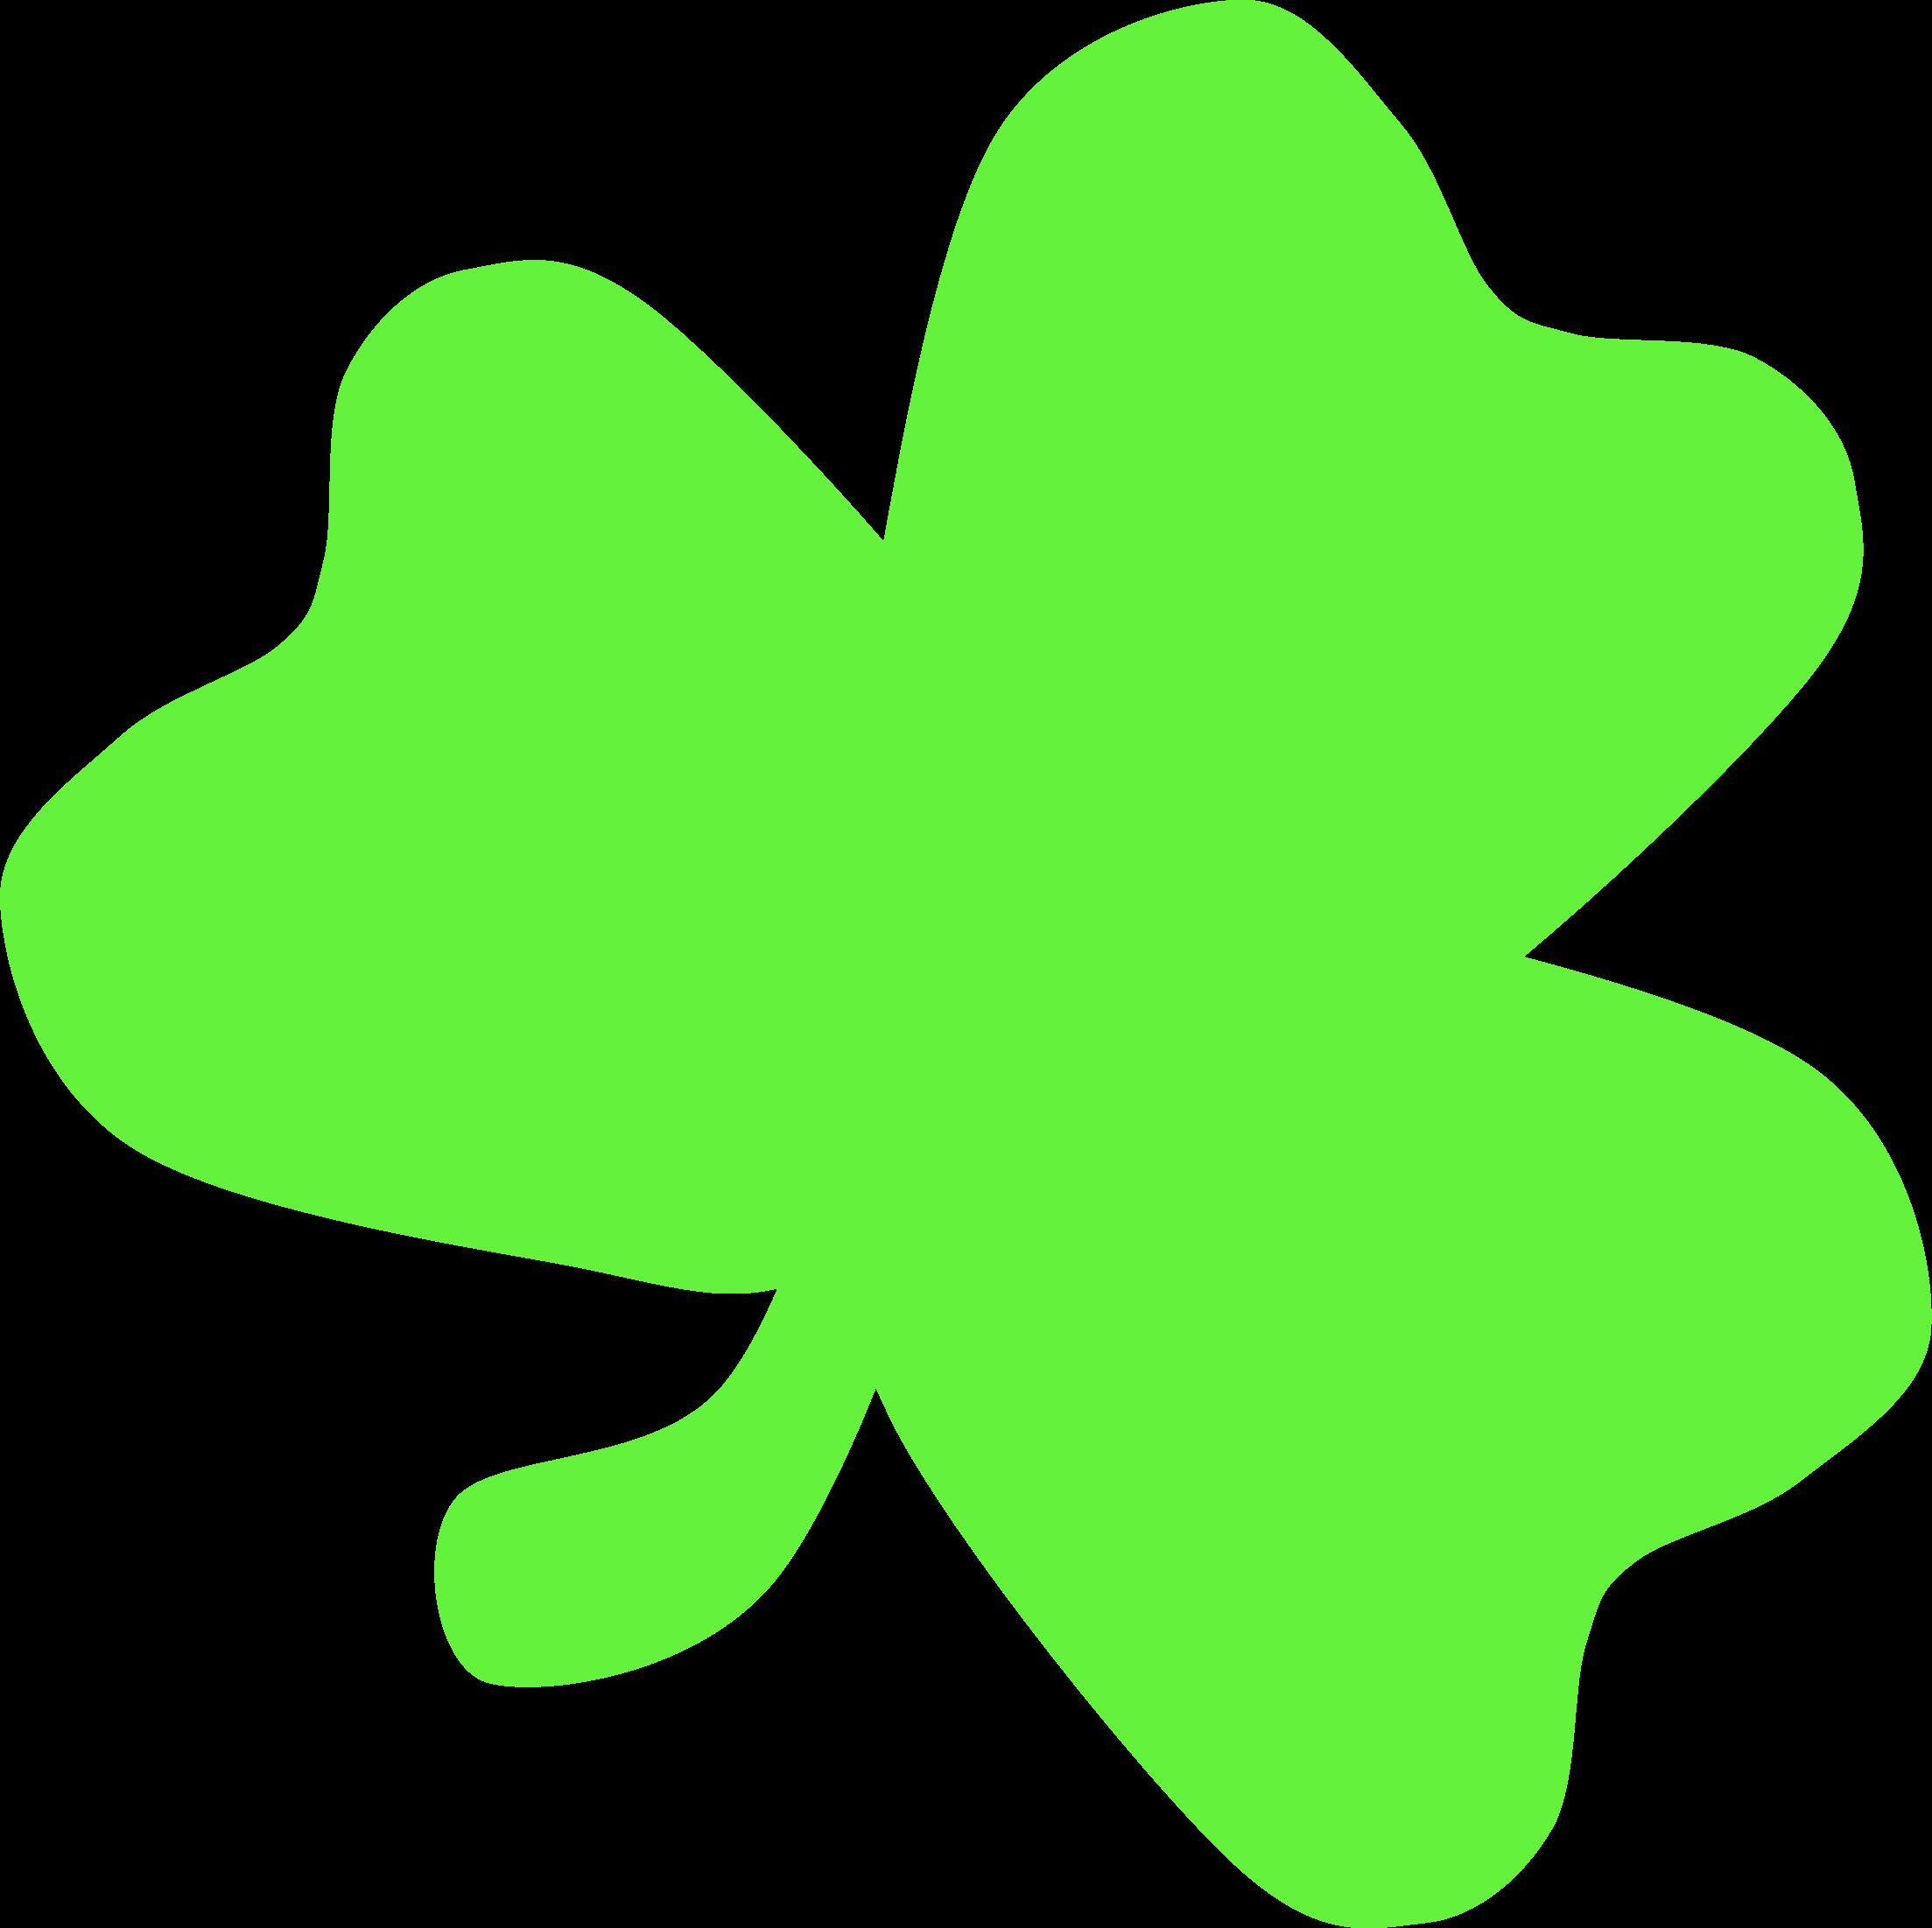 clipart light green shamrock